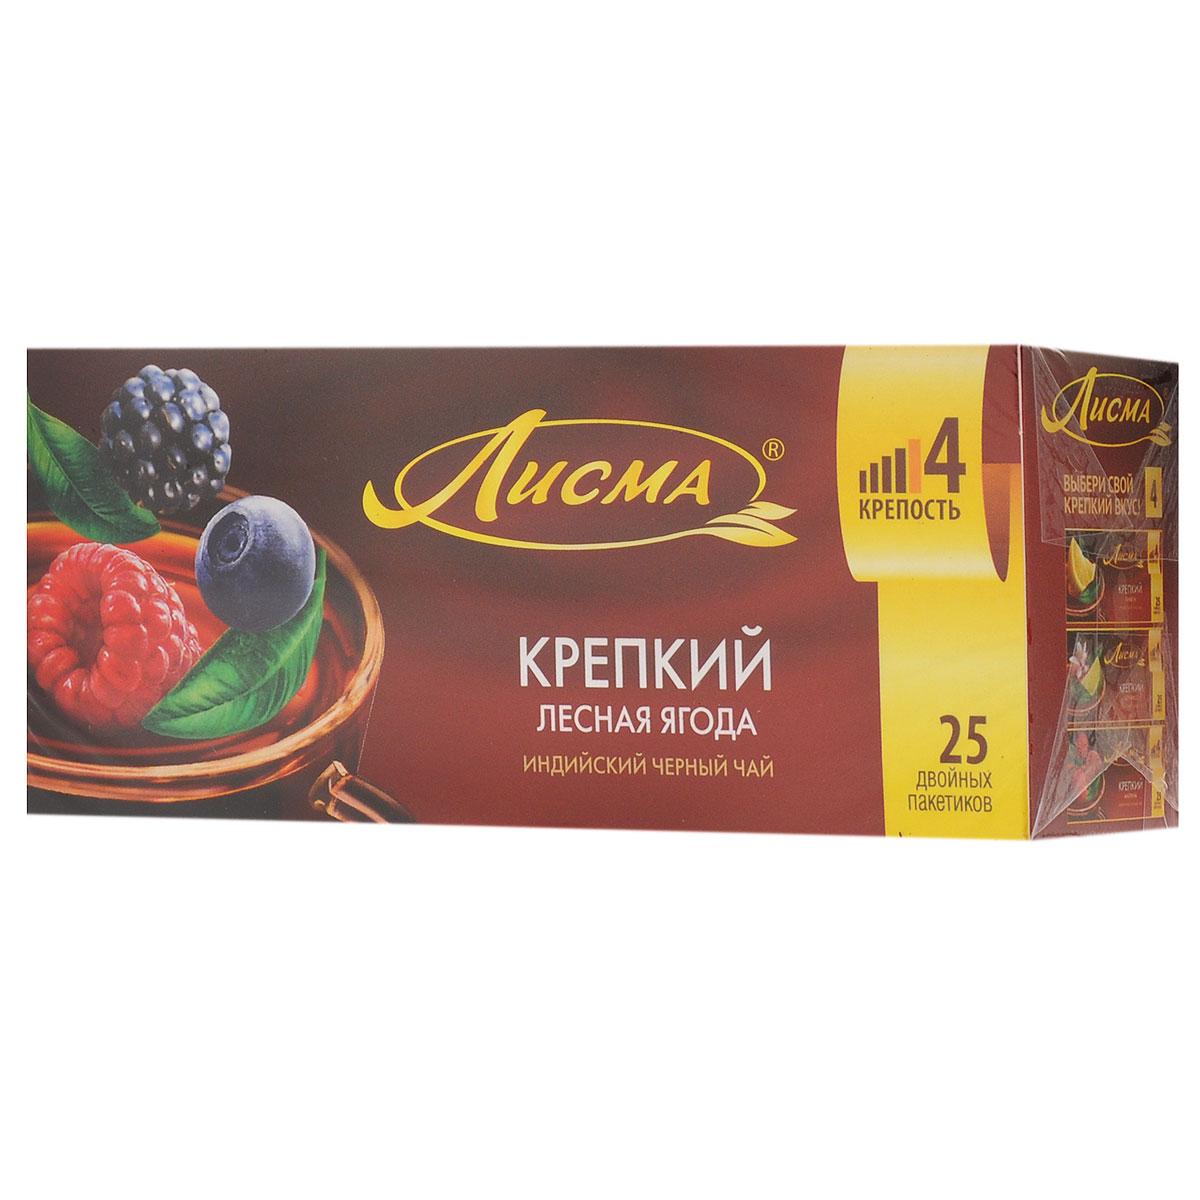 Лисма Крепкий Лесная Ягода черный чай в пакетиках, 25 шт